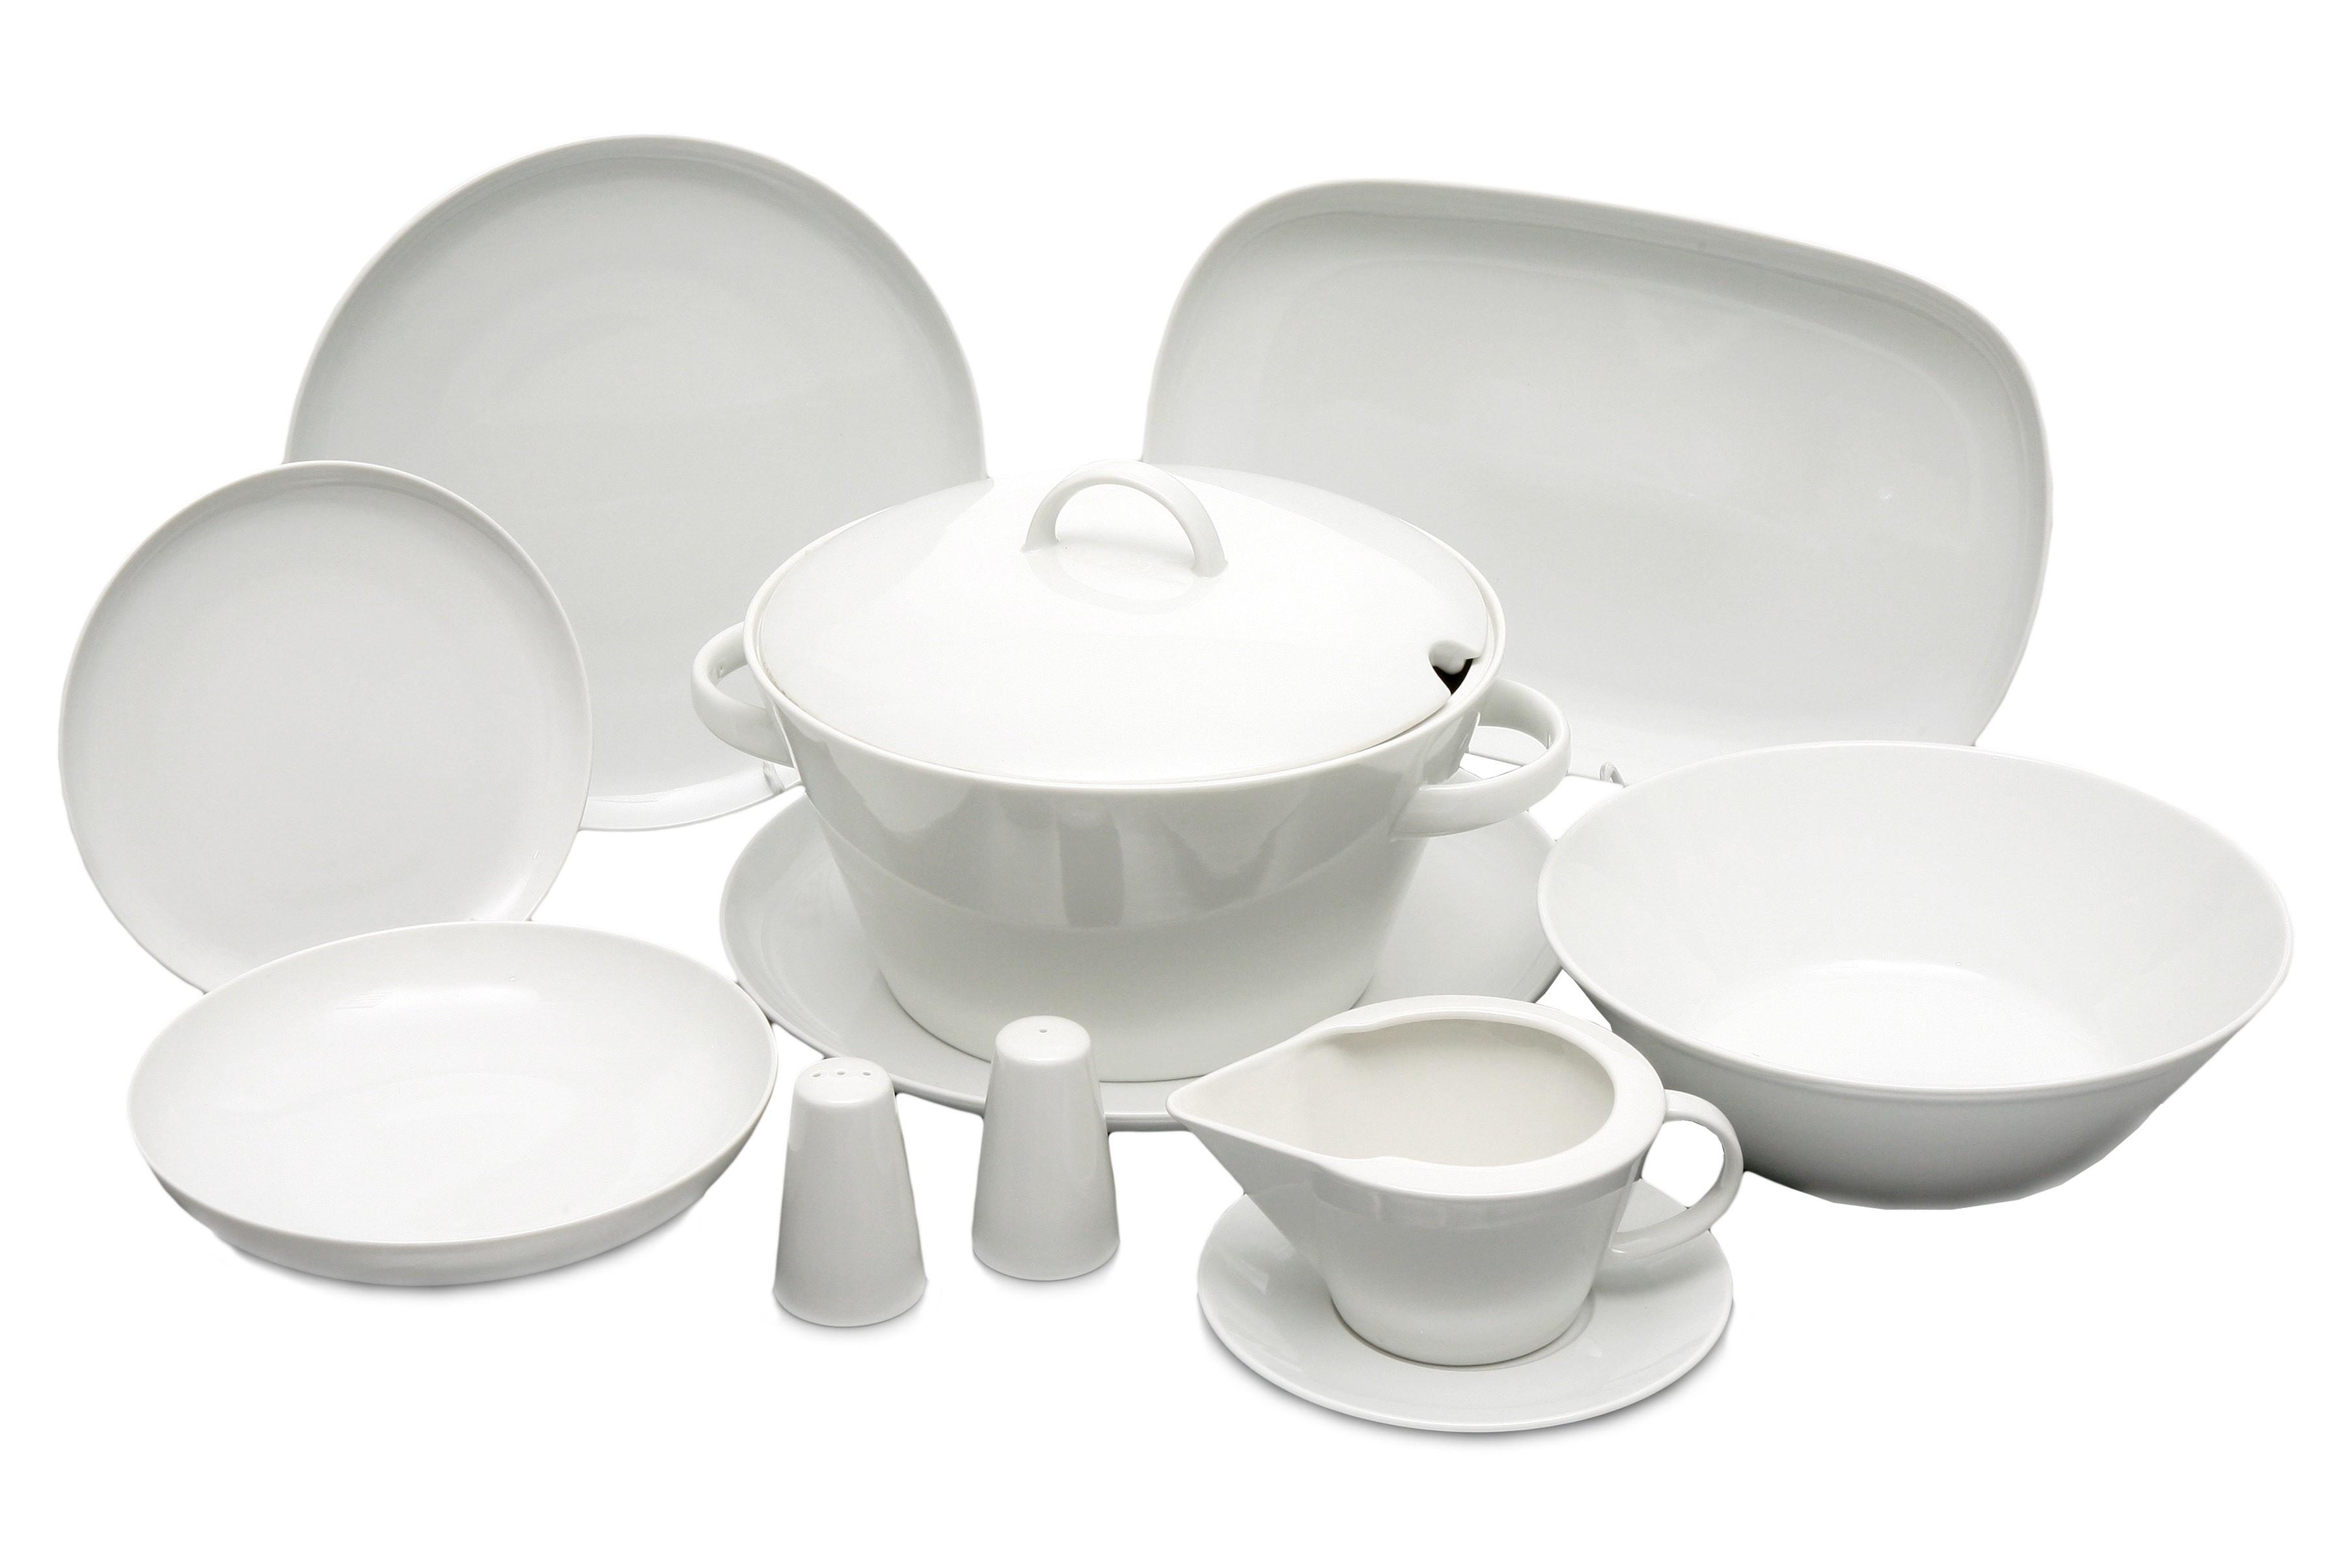 Jídelní souprava, karlovarský porcelán, Thun, Tom, bílá, 25 dílná